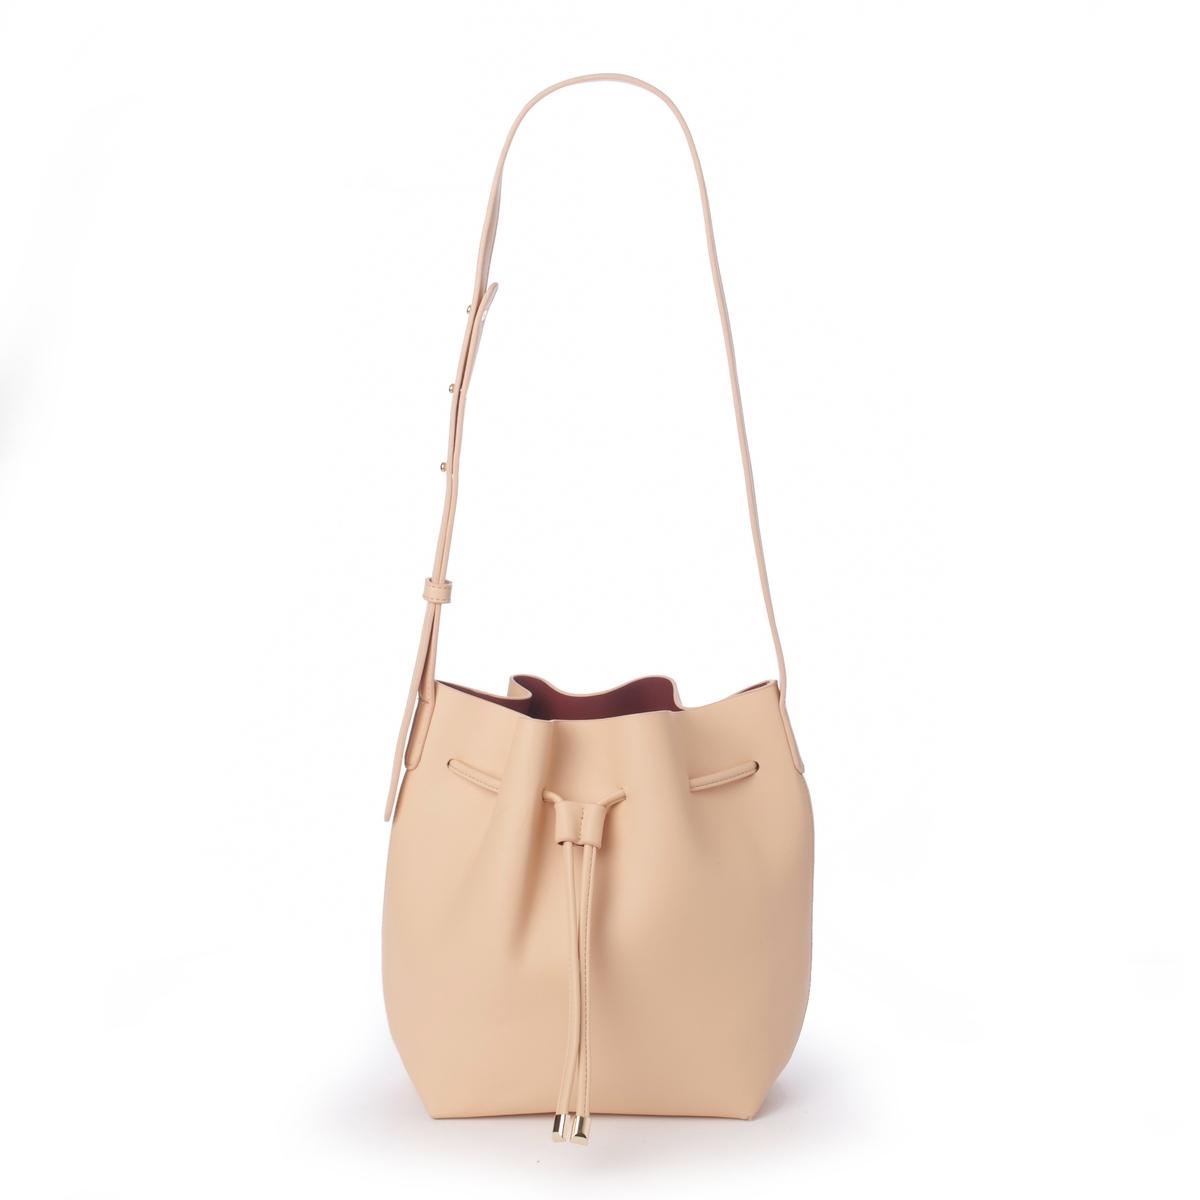 Сумка-мешок st paul paul мужской мешок вертикальный большой мешок отдыха плеча сумка сумка холст сумка сумка мини